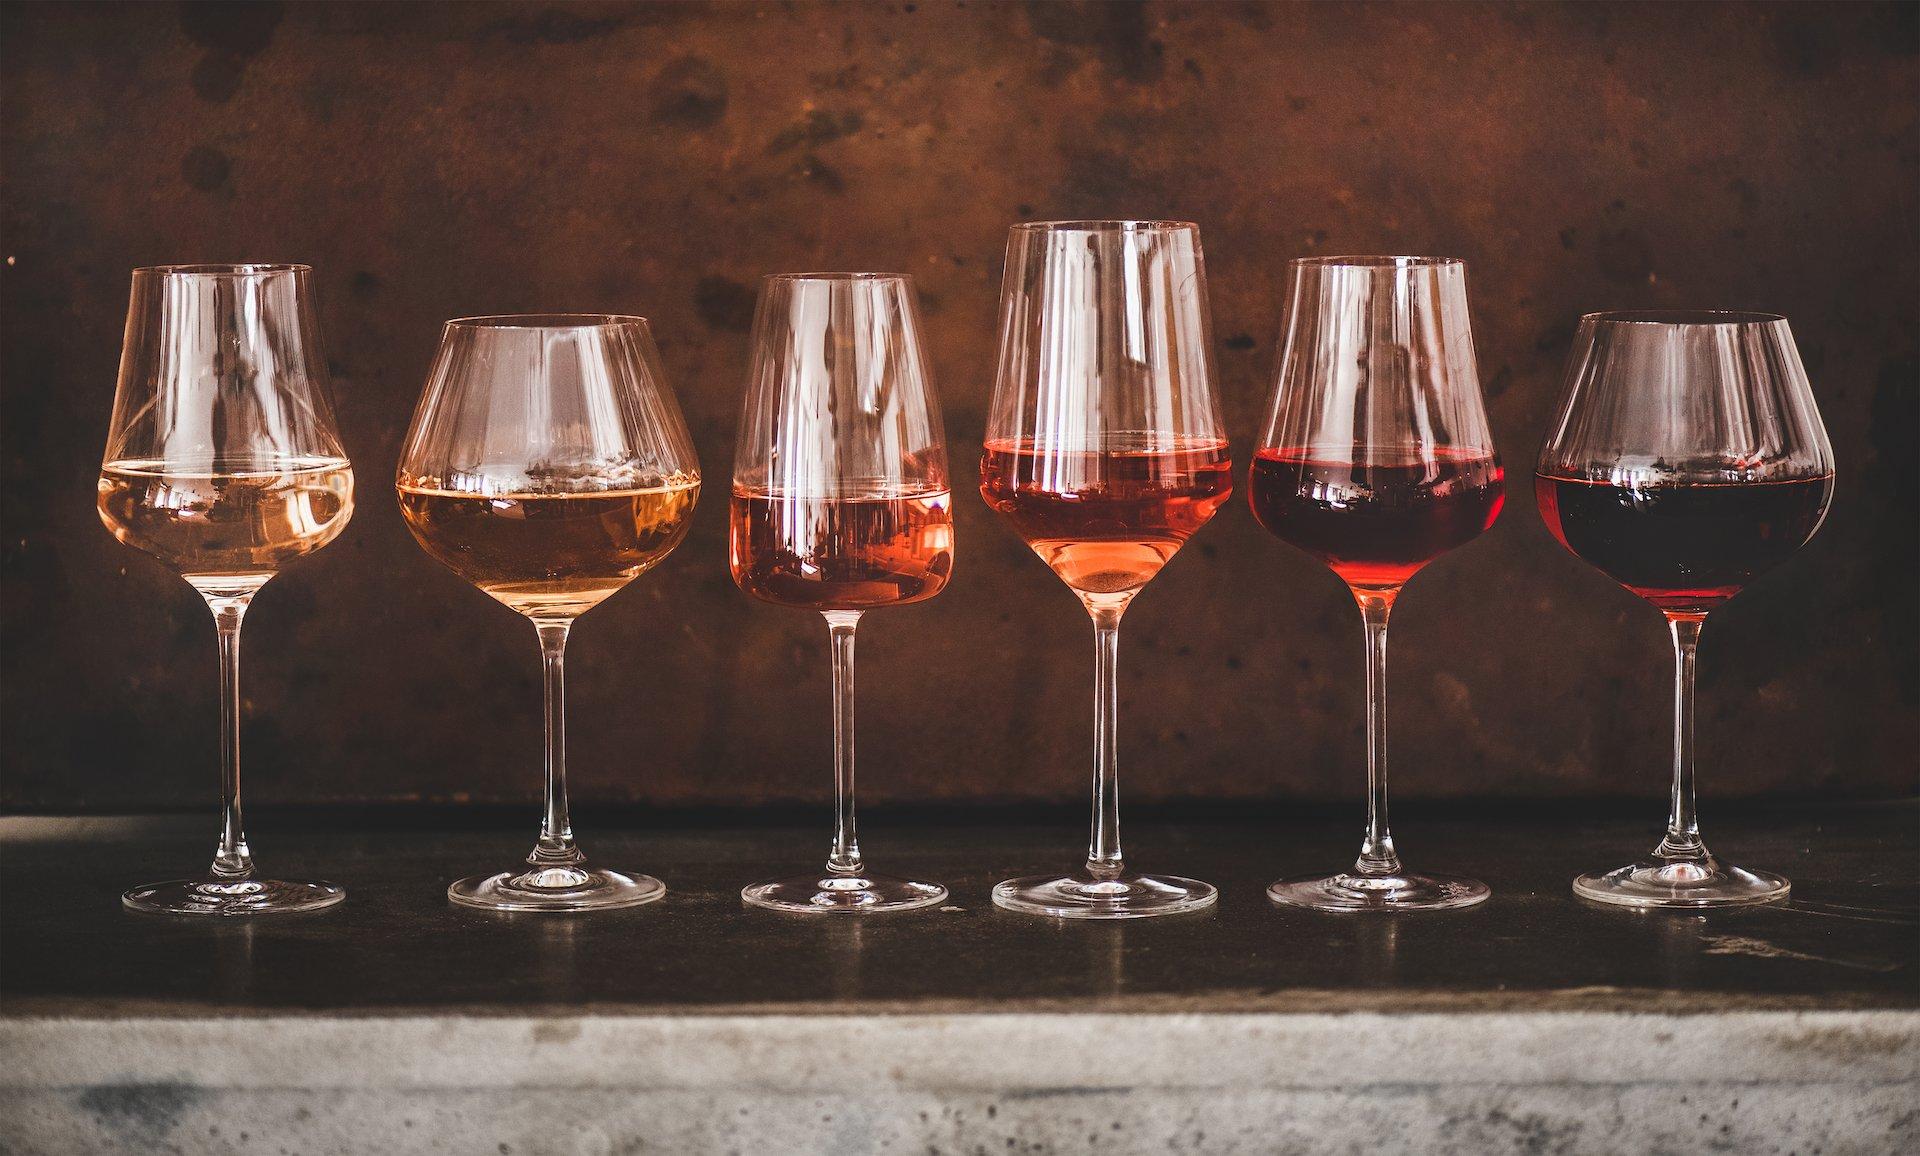 ad ogni vino il suo bicchiere | iltoccodivino.it